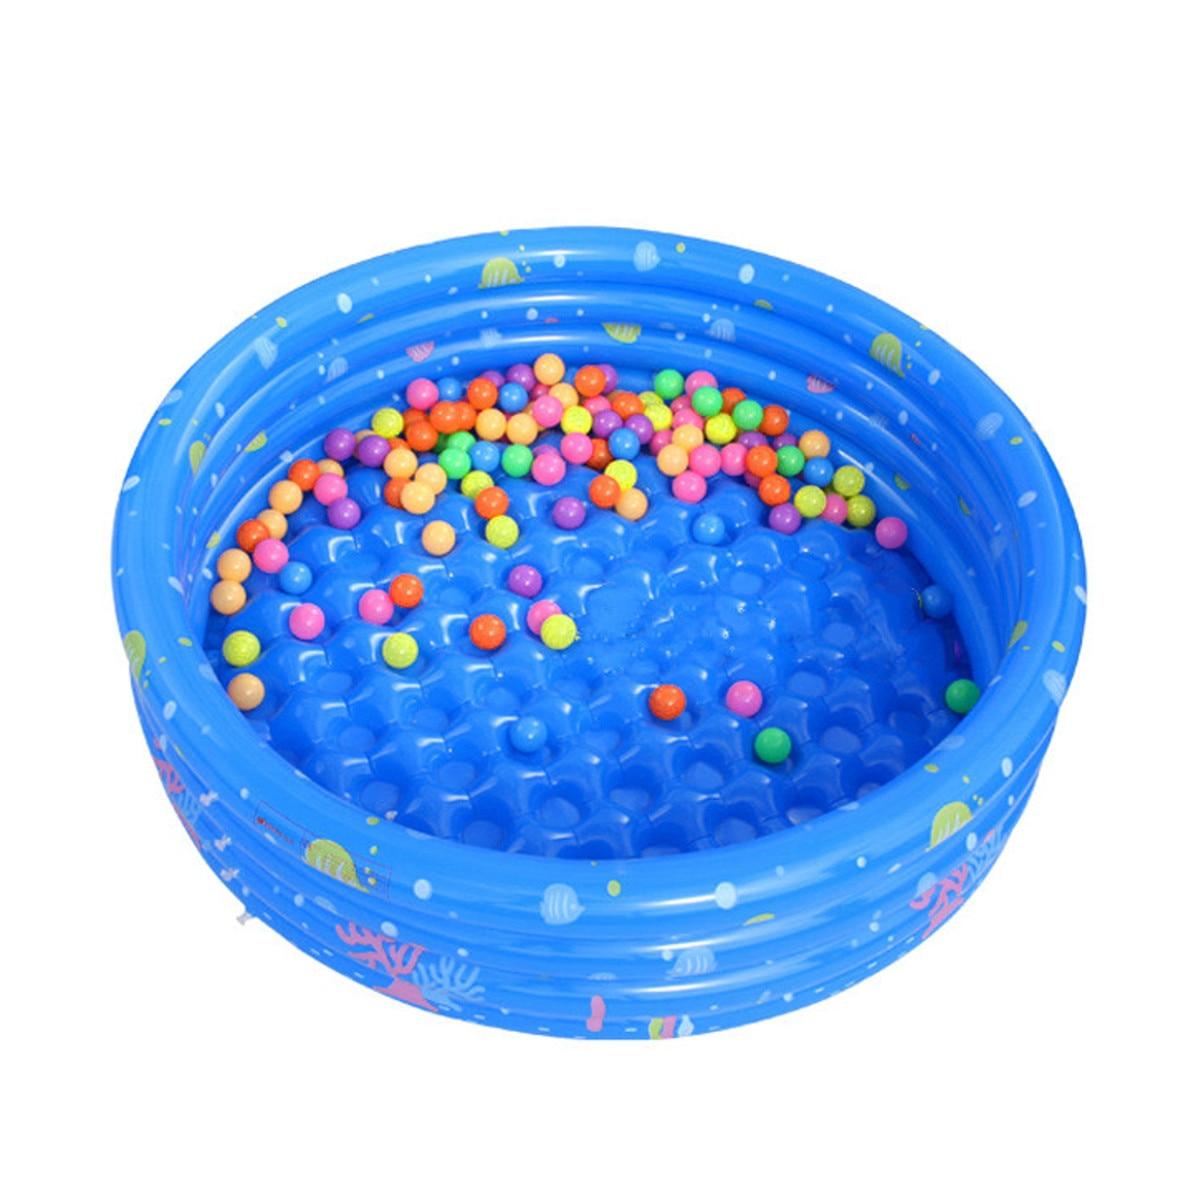 150 CM Gonflable Bébé Piscine Piscina Portable En Plein Air Enfants Bassin Baignoire enfants piscine bébé piscine d'eau - 3